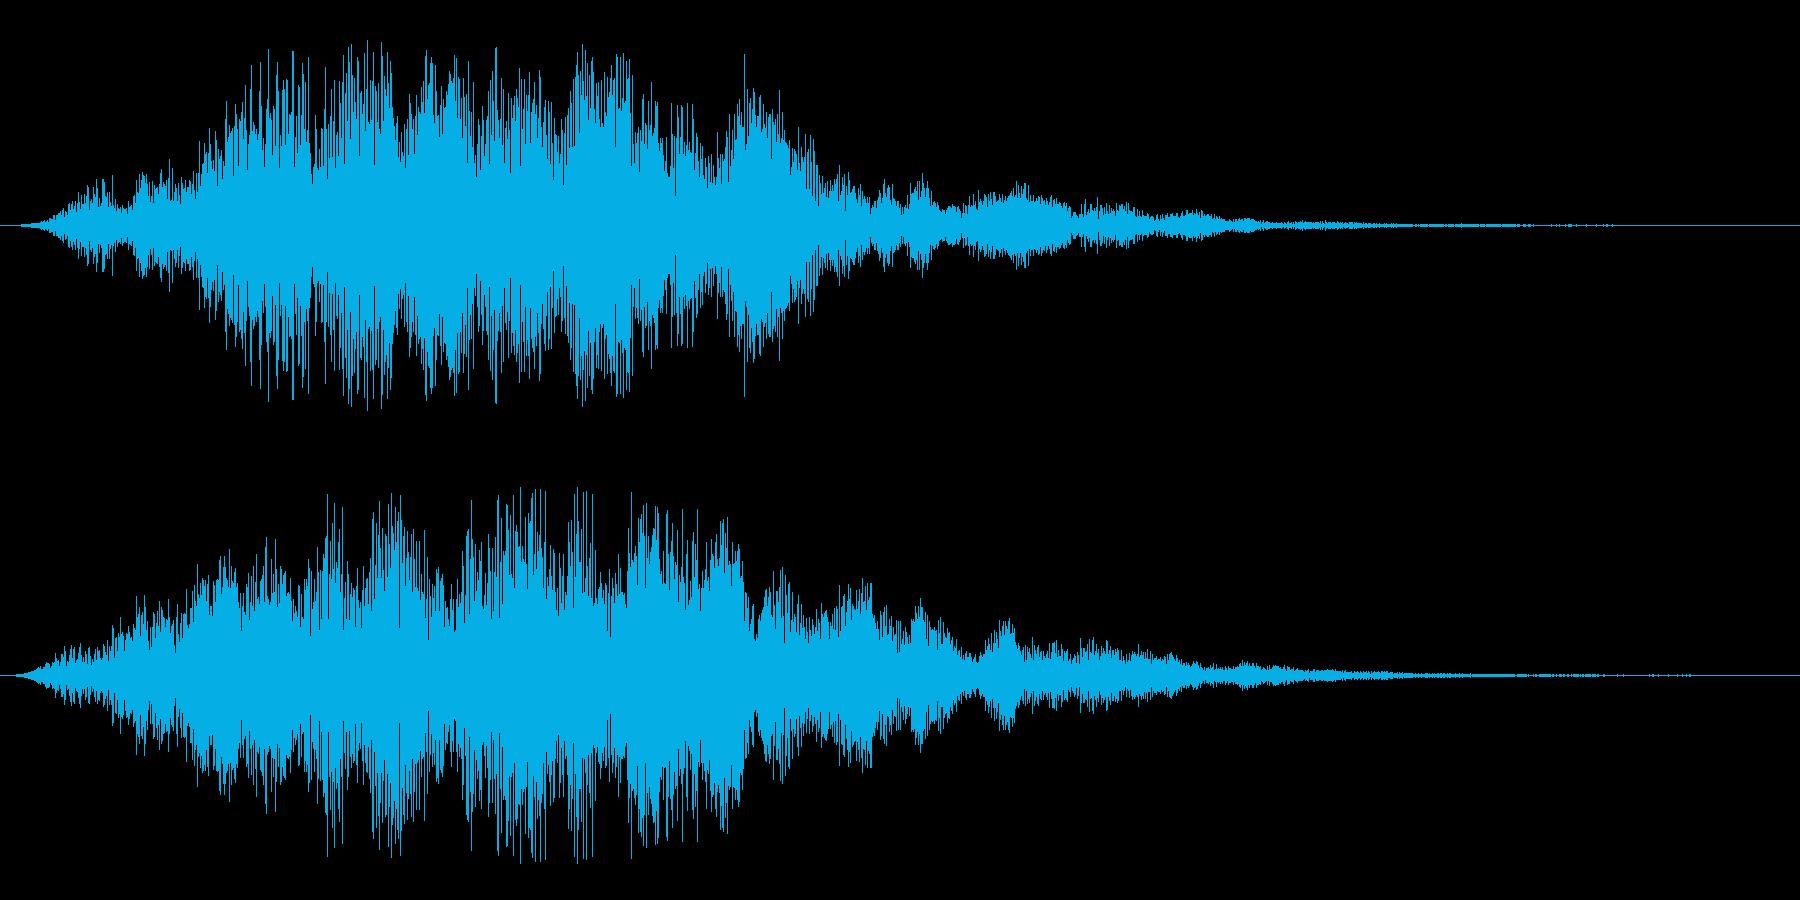 ヒュワーン(静かに始まるタイトル音)の再生済みの波形